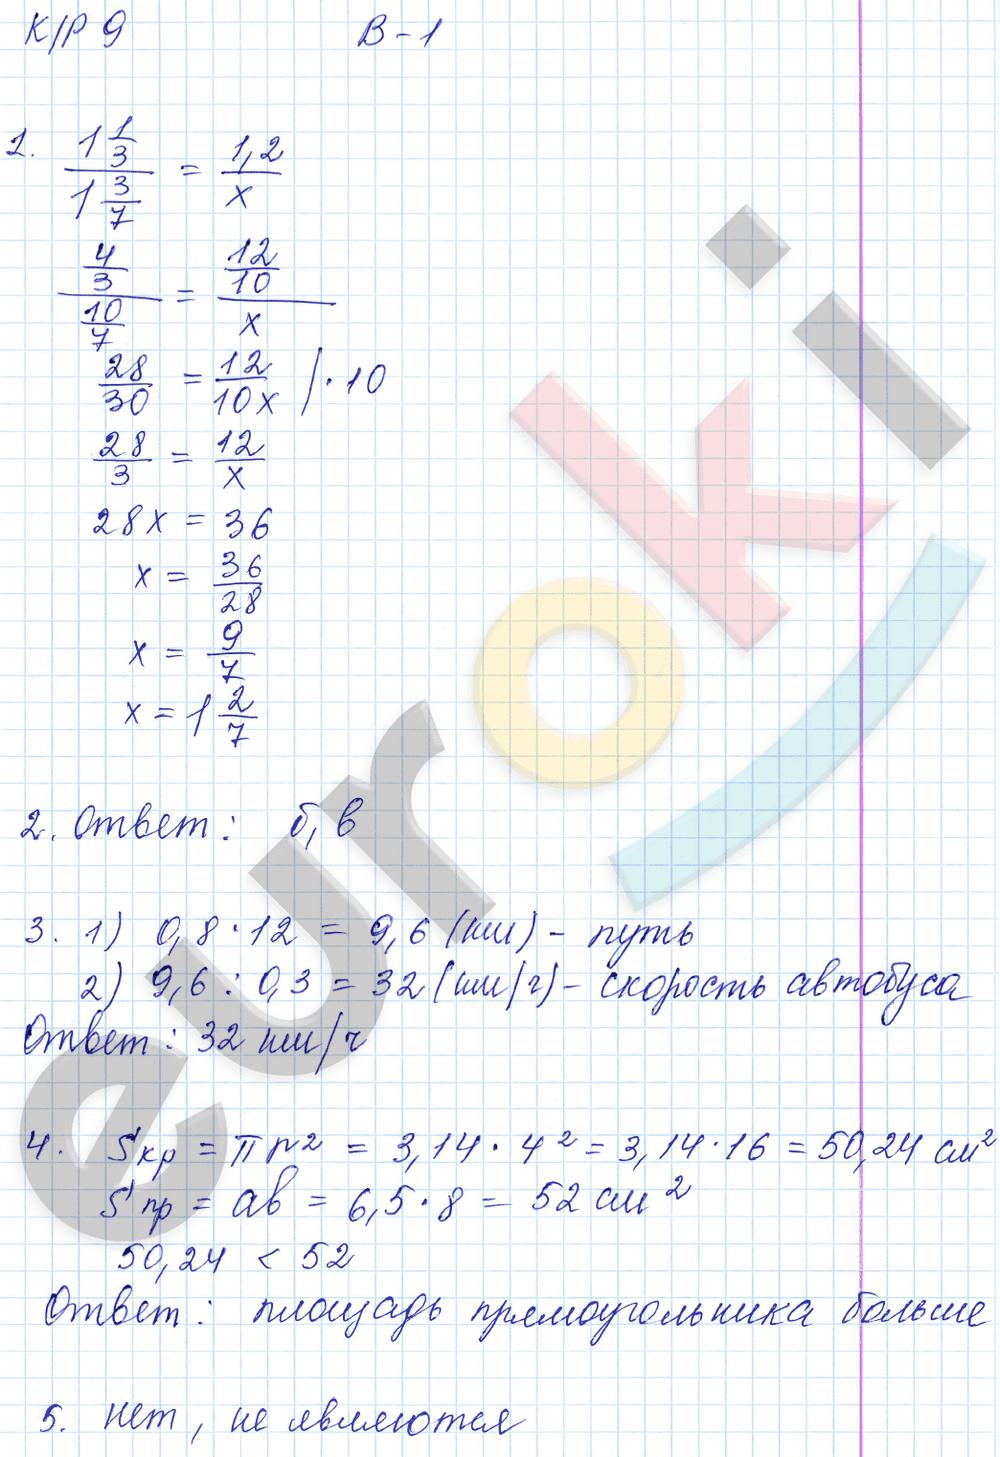 ГДЗ по математике 6 класс контрольные работы Дудницын, Кронгауз КР-9. Обратная пропорциональная зависимость. Площадь круга. Задание: Вариант 1